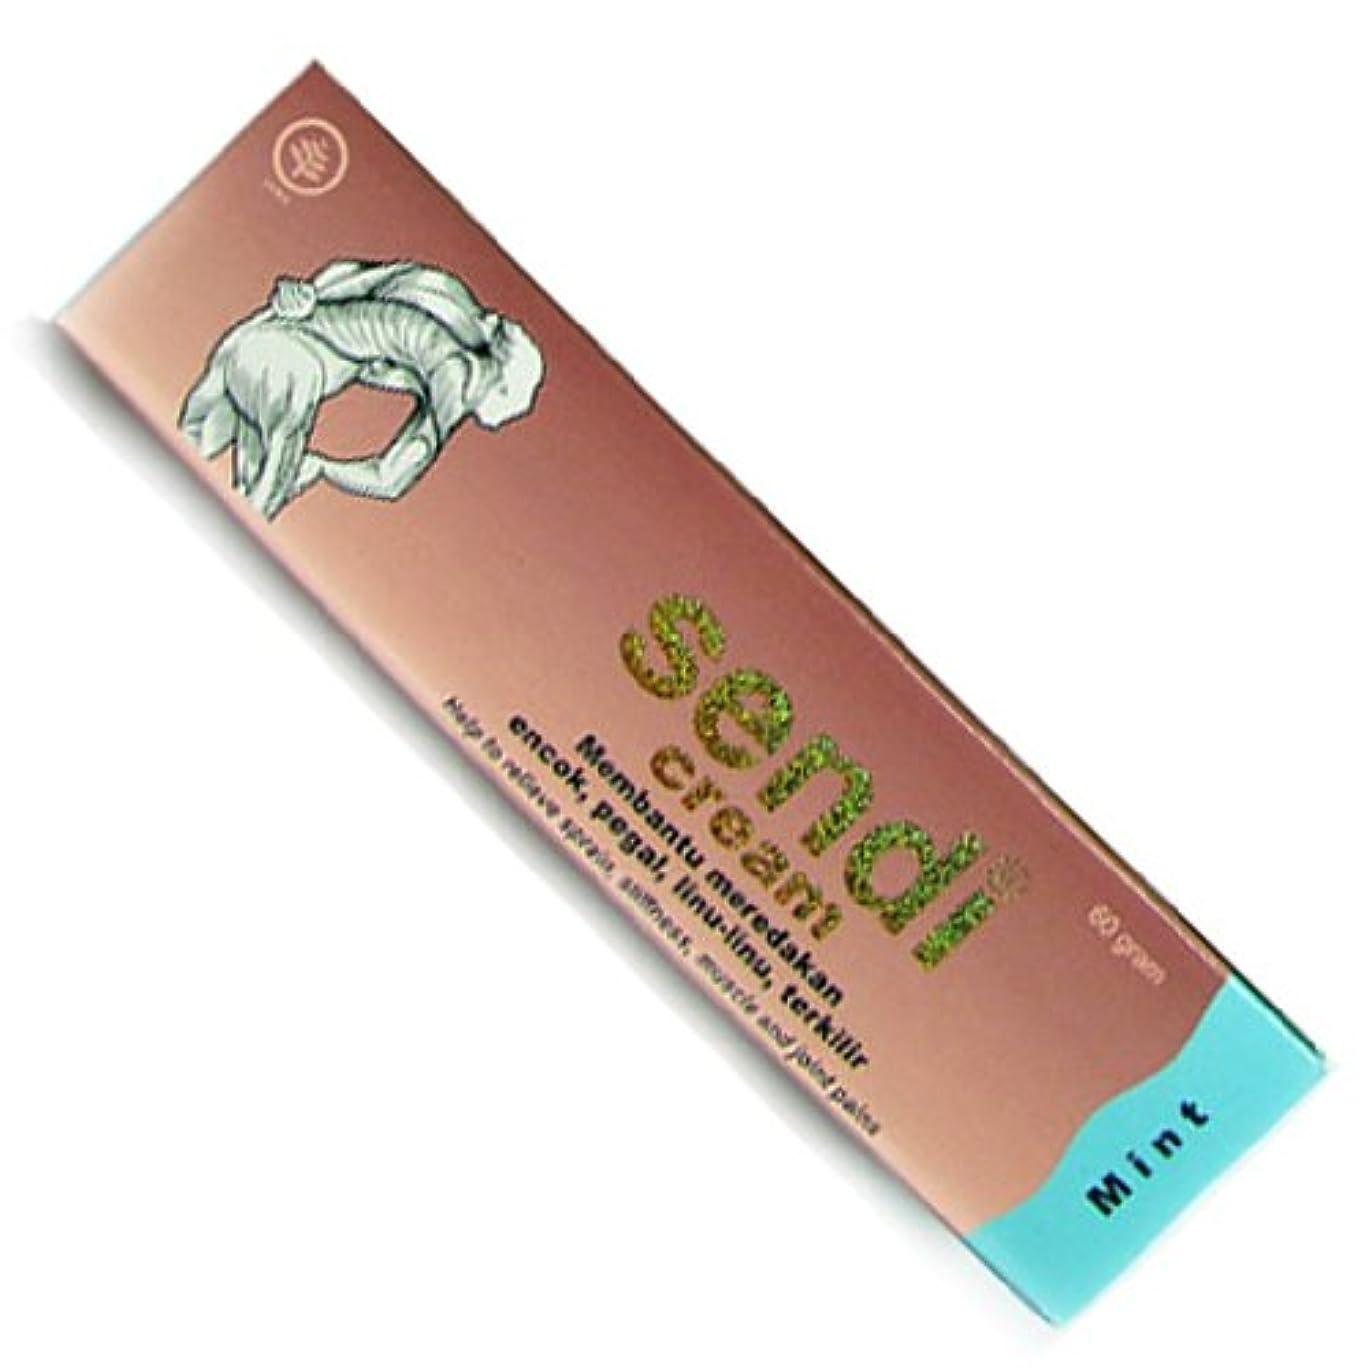 瞑想する資格情報ぺディカブSendi Cream スンディクリーム60g[並行輸入品][海外直送品]ミント